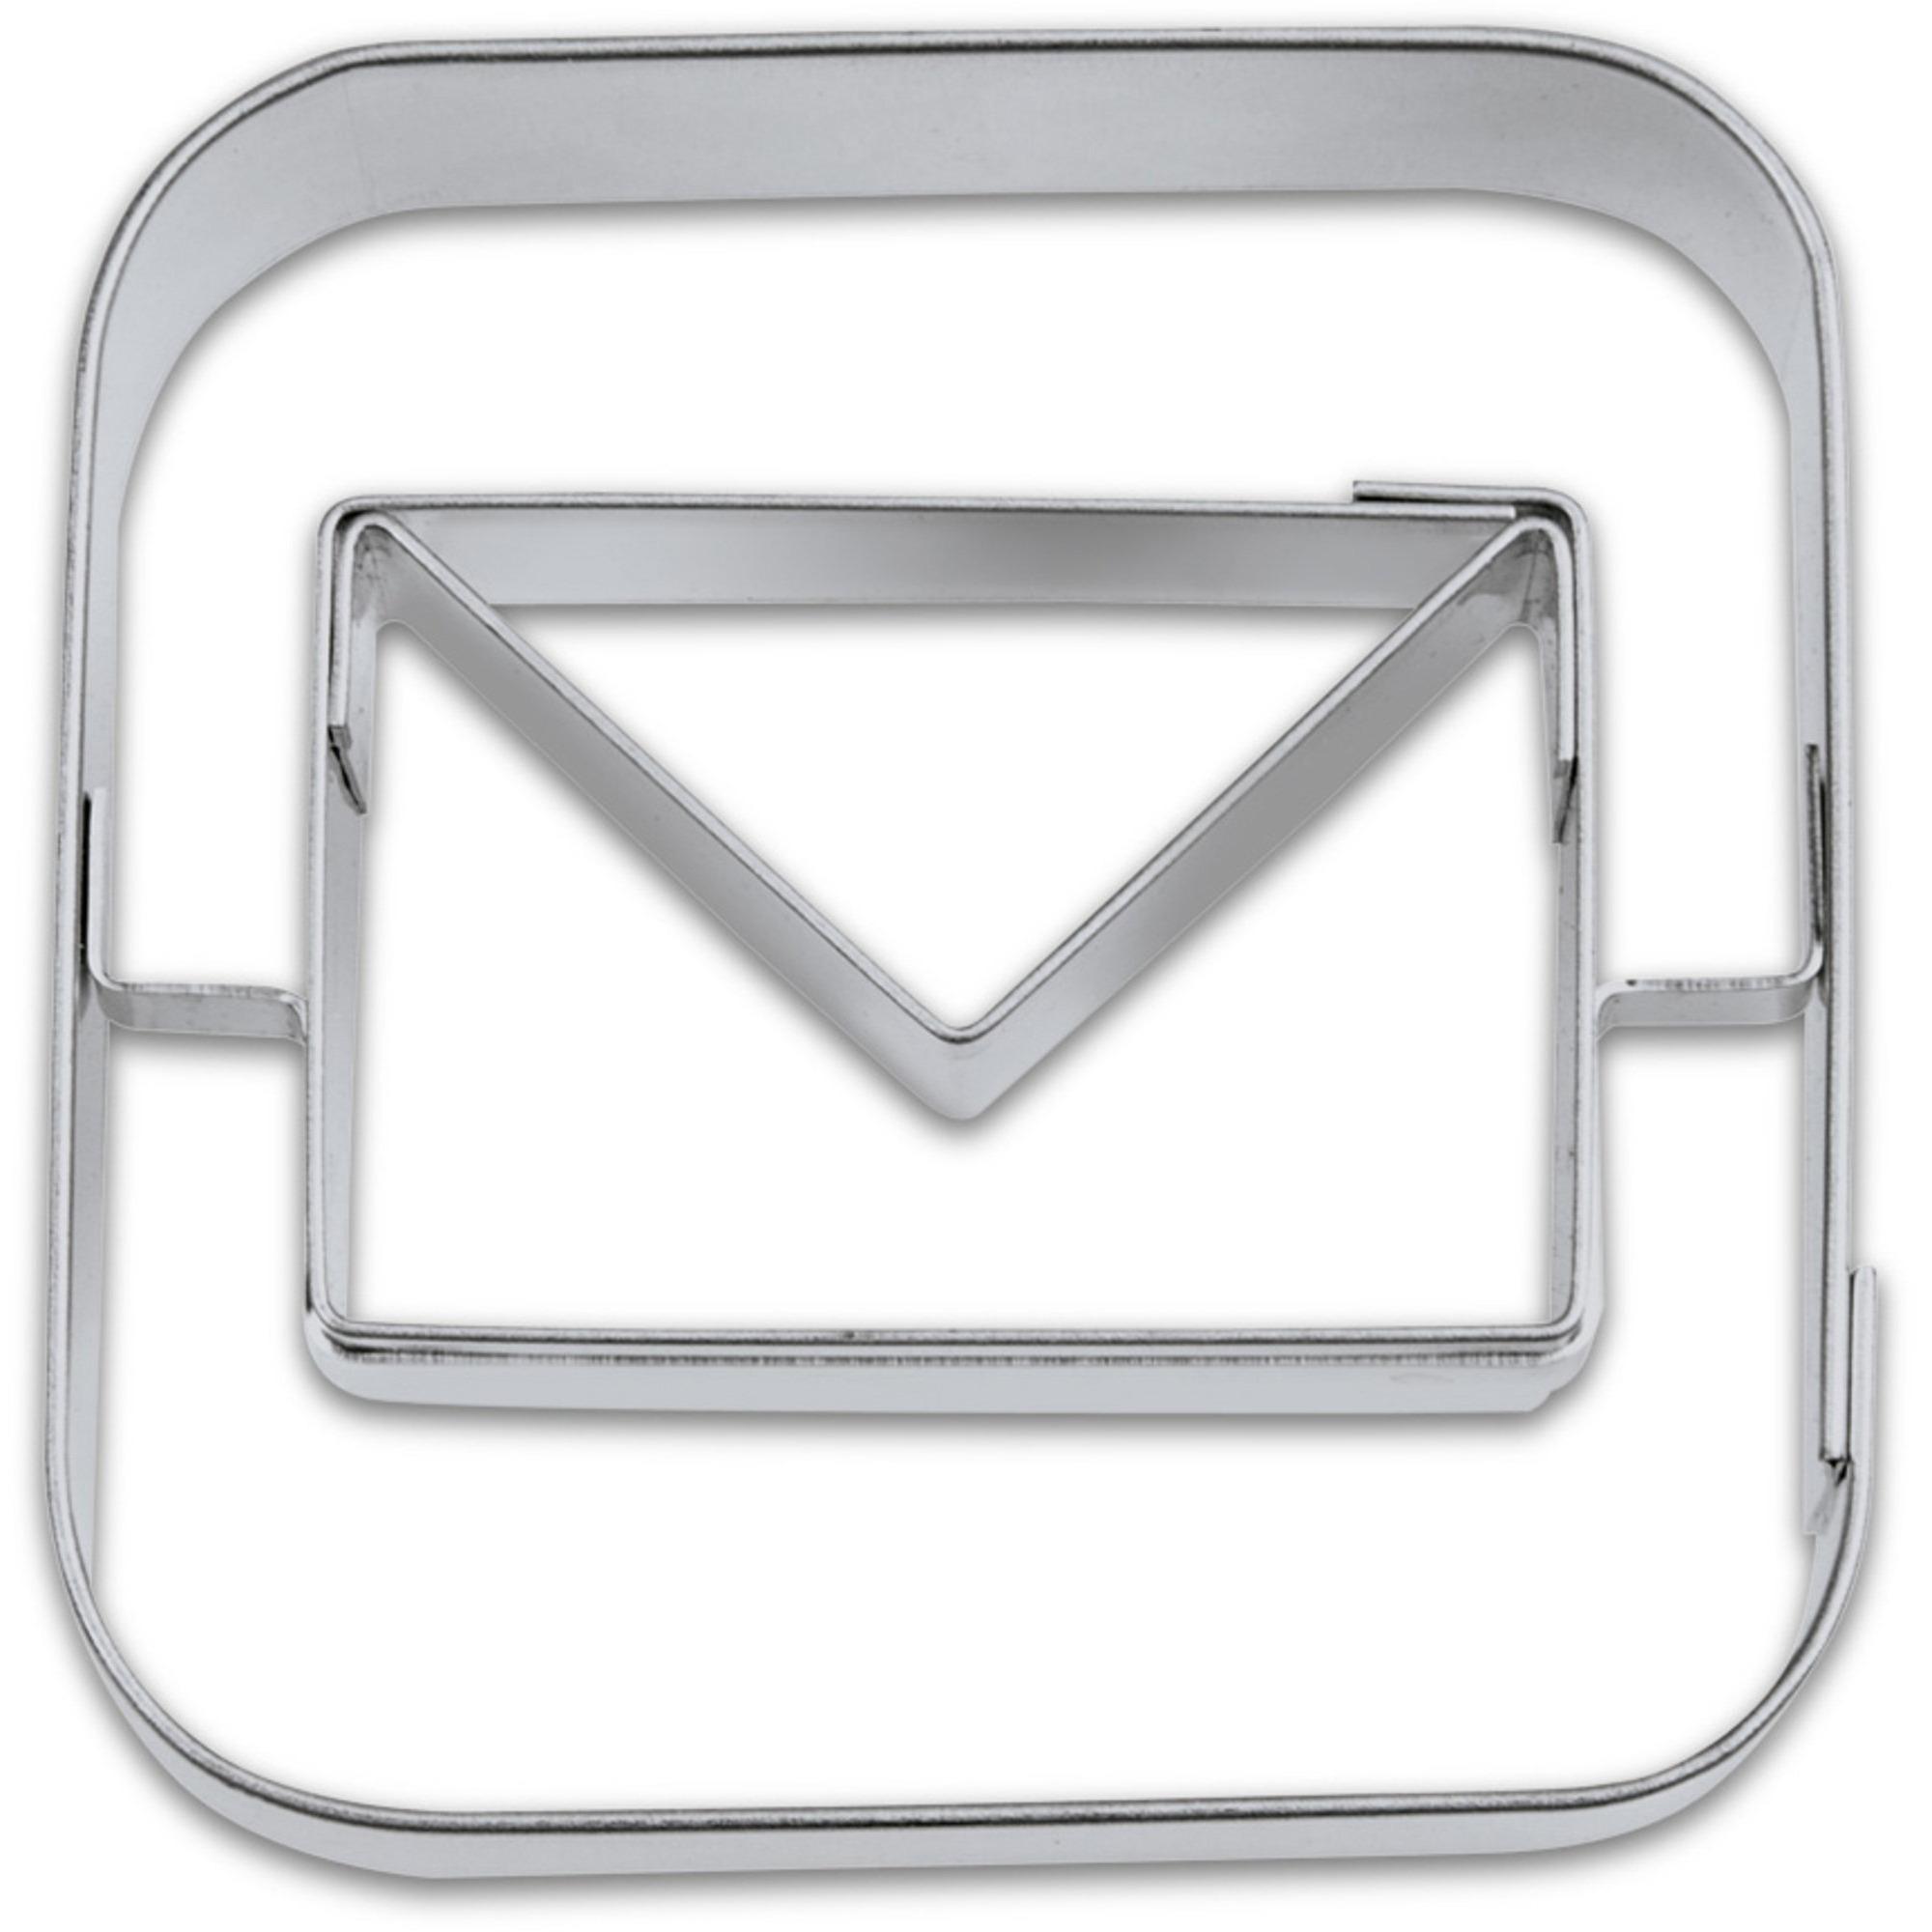 Städter Kakform Utstickare App Mail